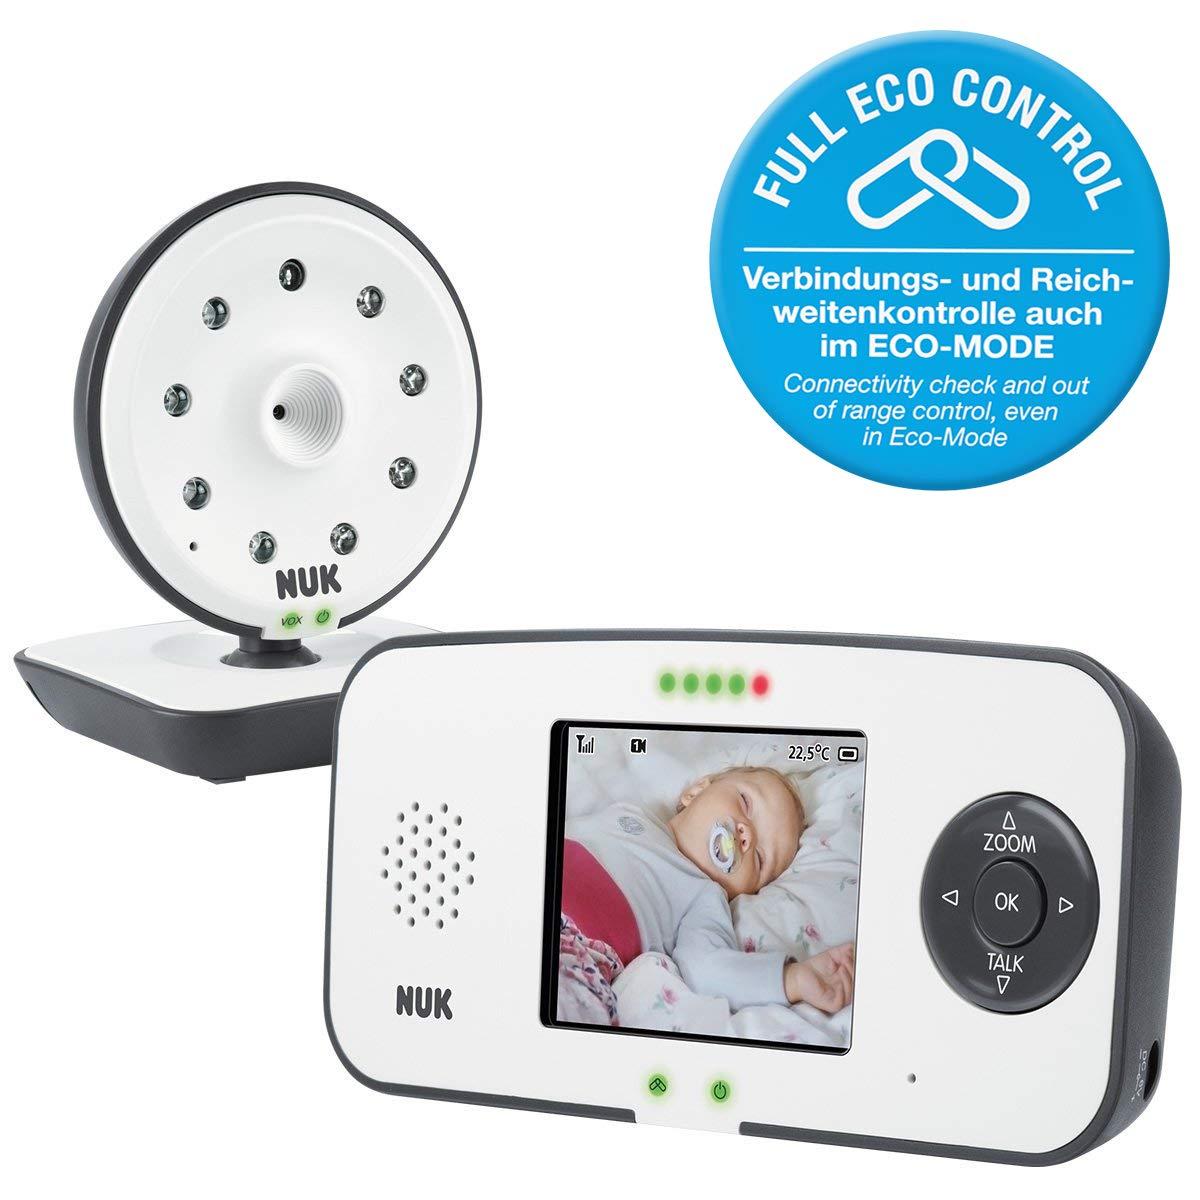 frei von hochfrequenter Strahlung im Eco-Mode mit Kamera und Video Display NUK Eco Control 550VD Digitales Babyphone bis zu 4 Kameras hinzuf/ügbar